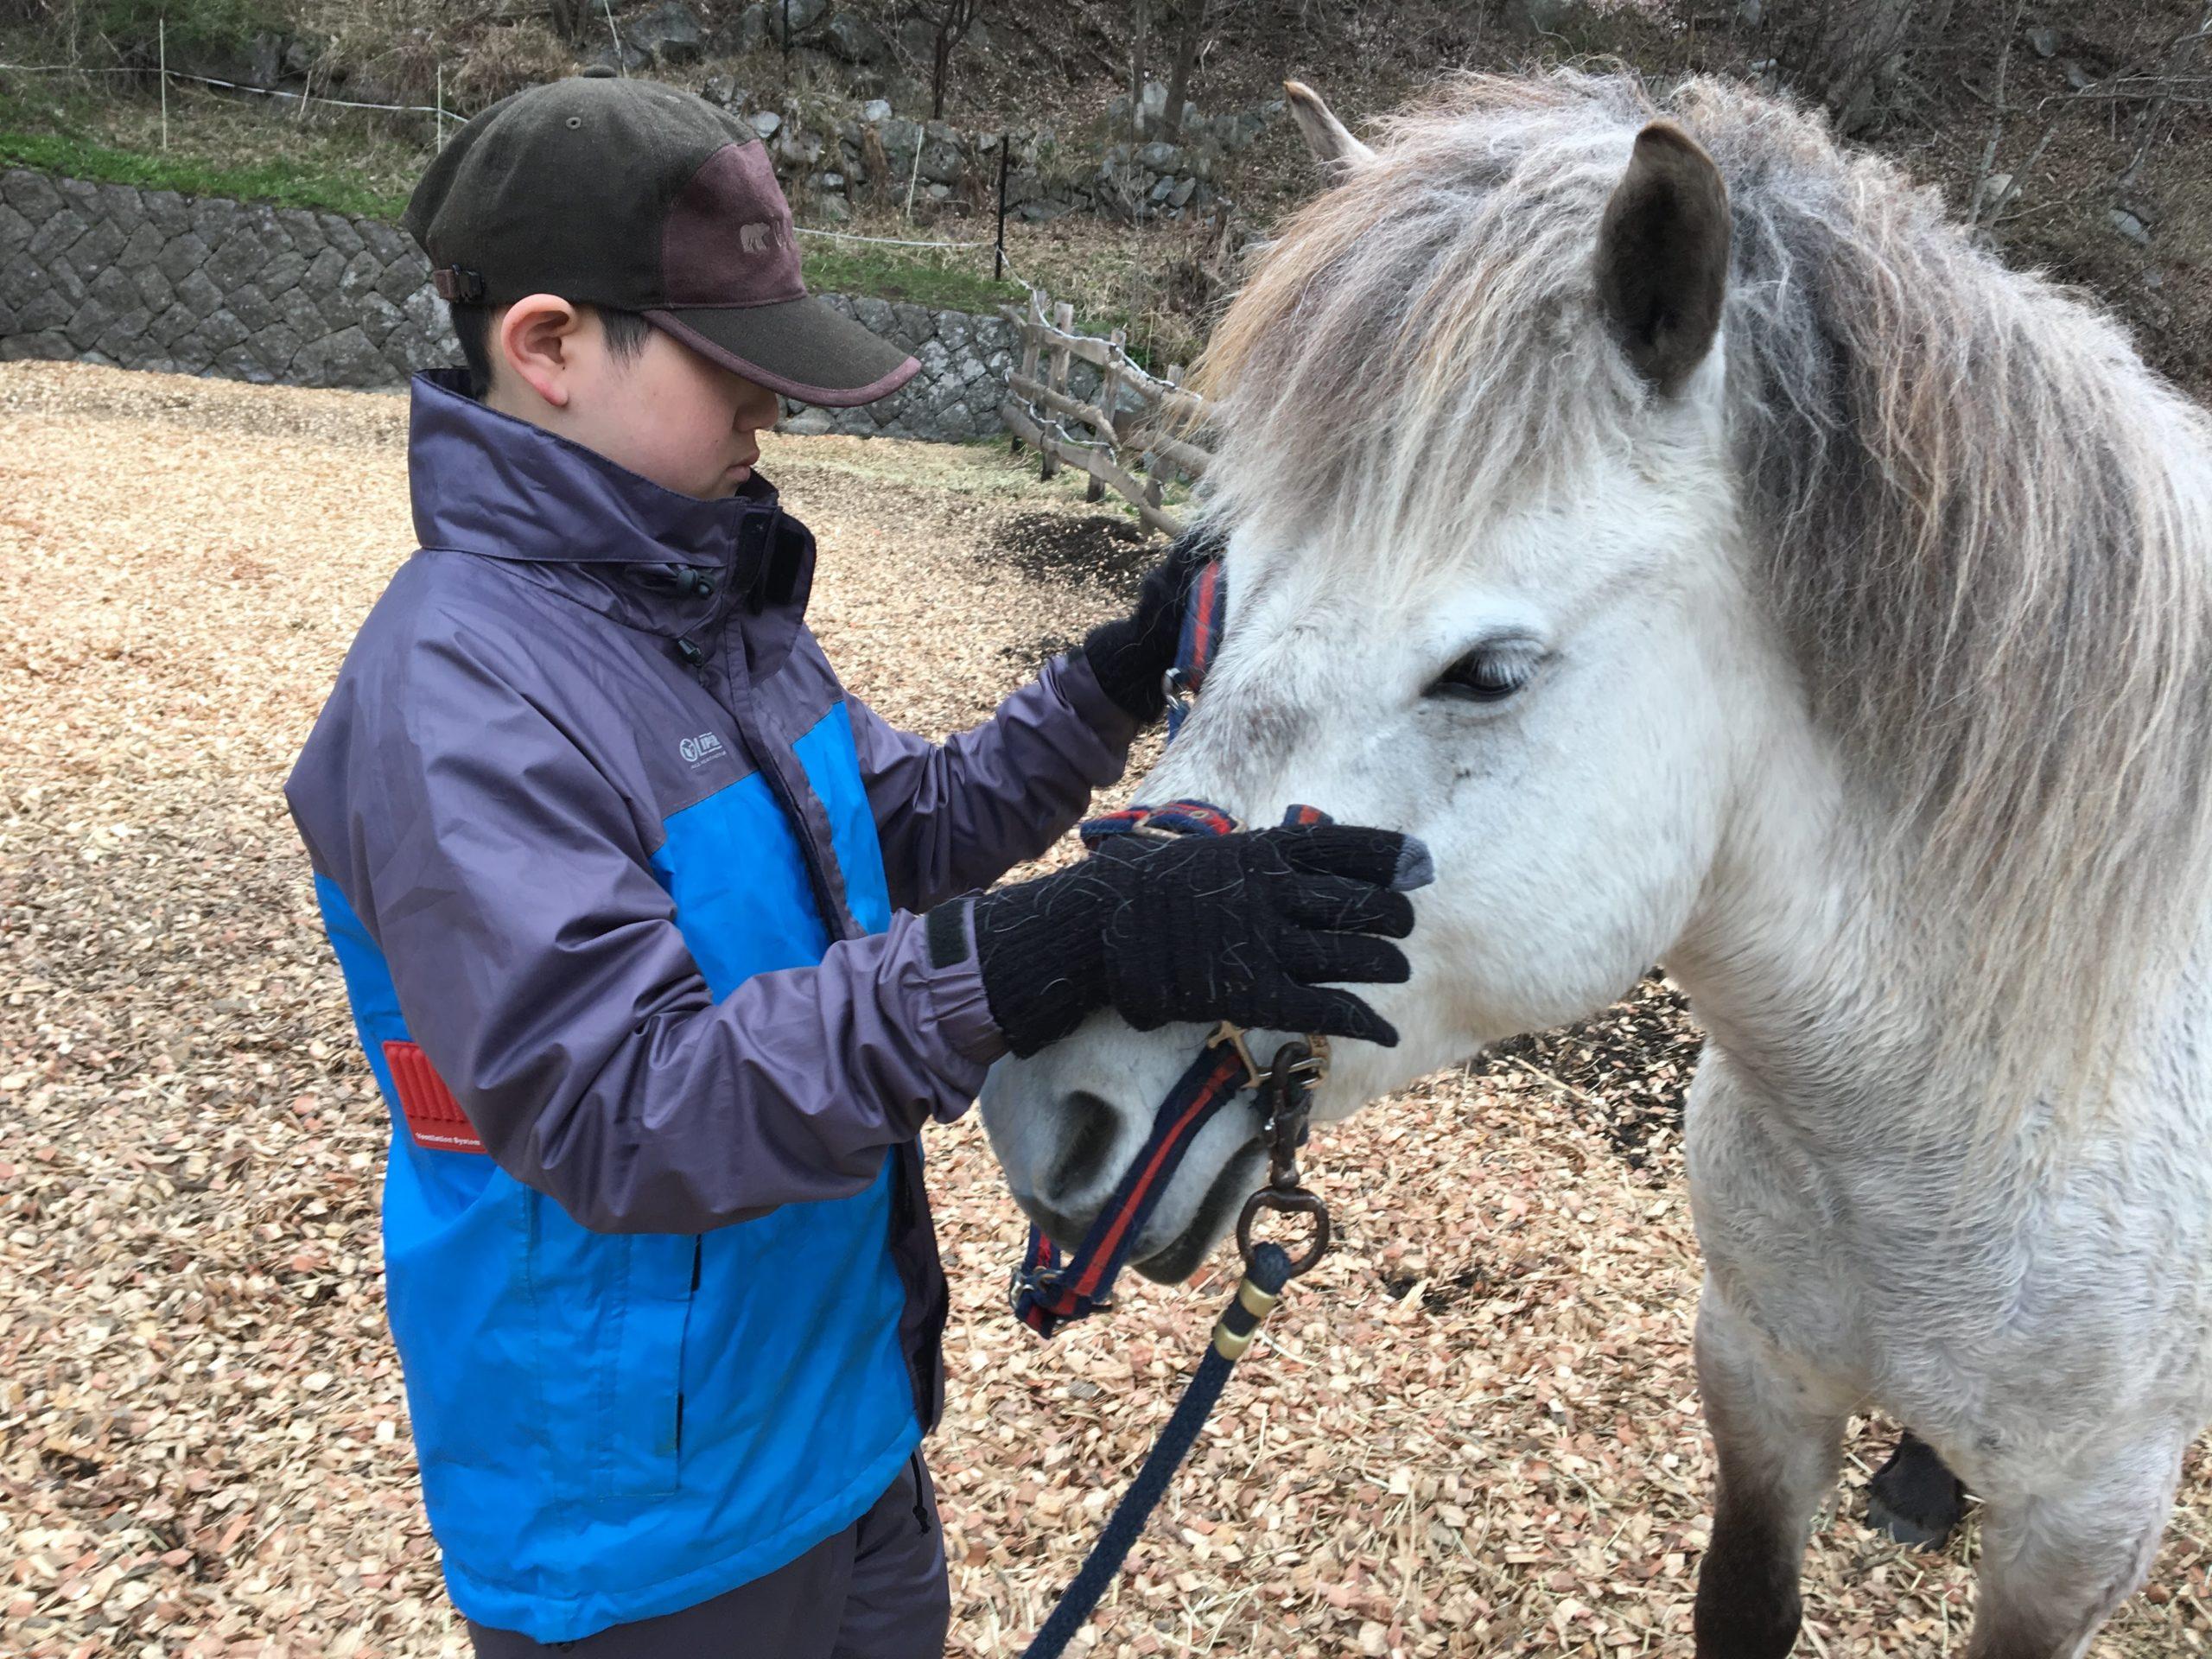 【終了】ホースセラピー講座「これでいいの?子どもとの関わり方」 その答えは 馬が知っている! 4/5(日)